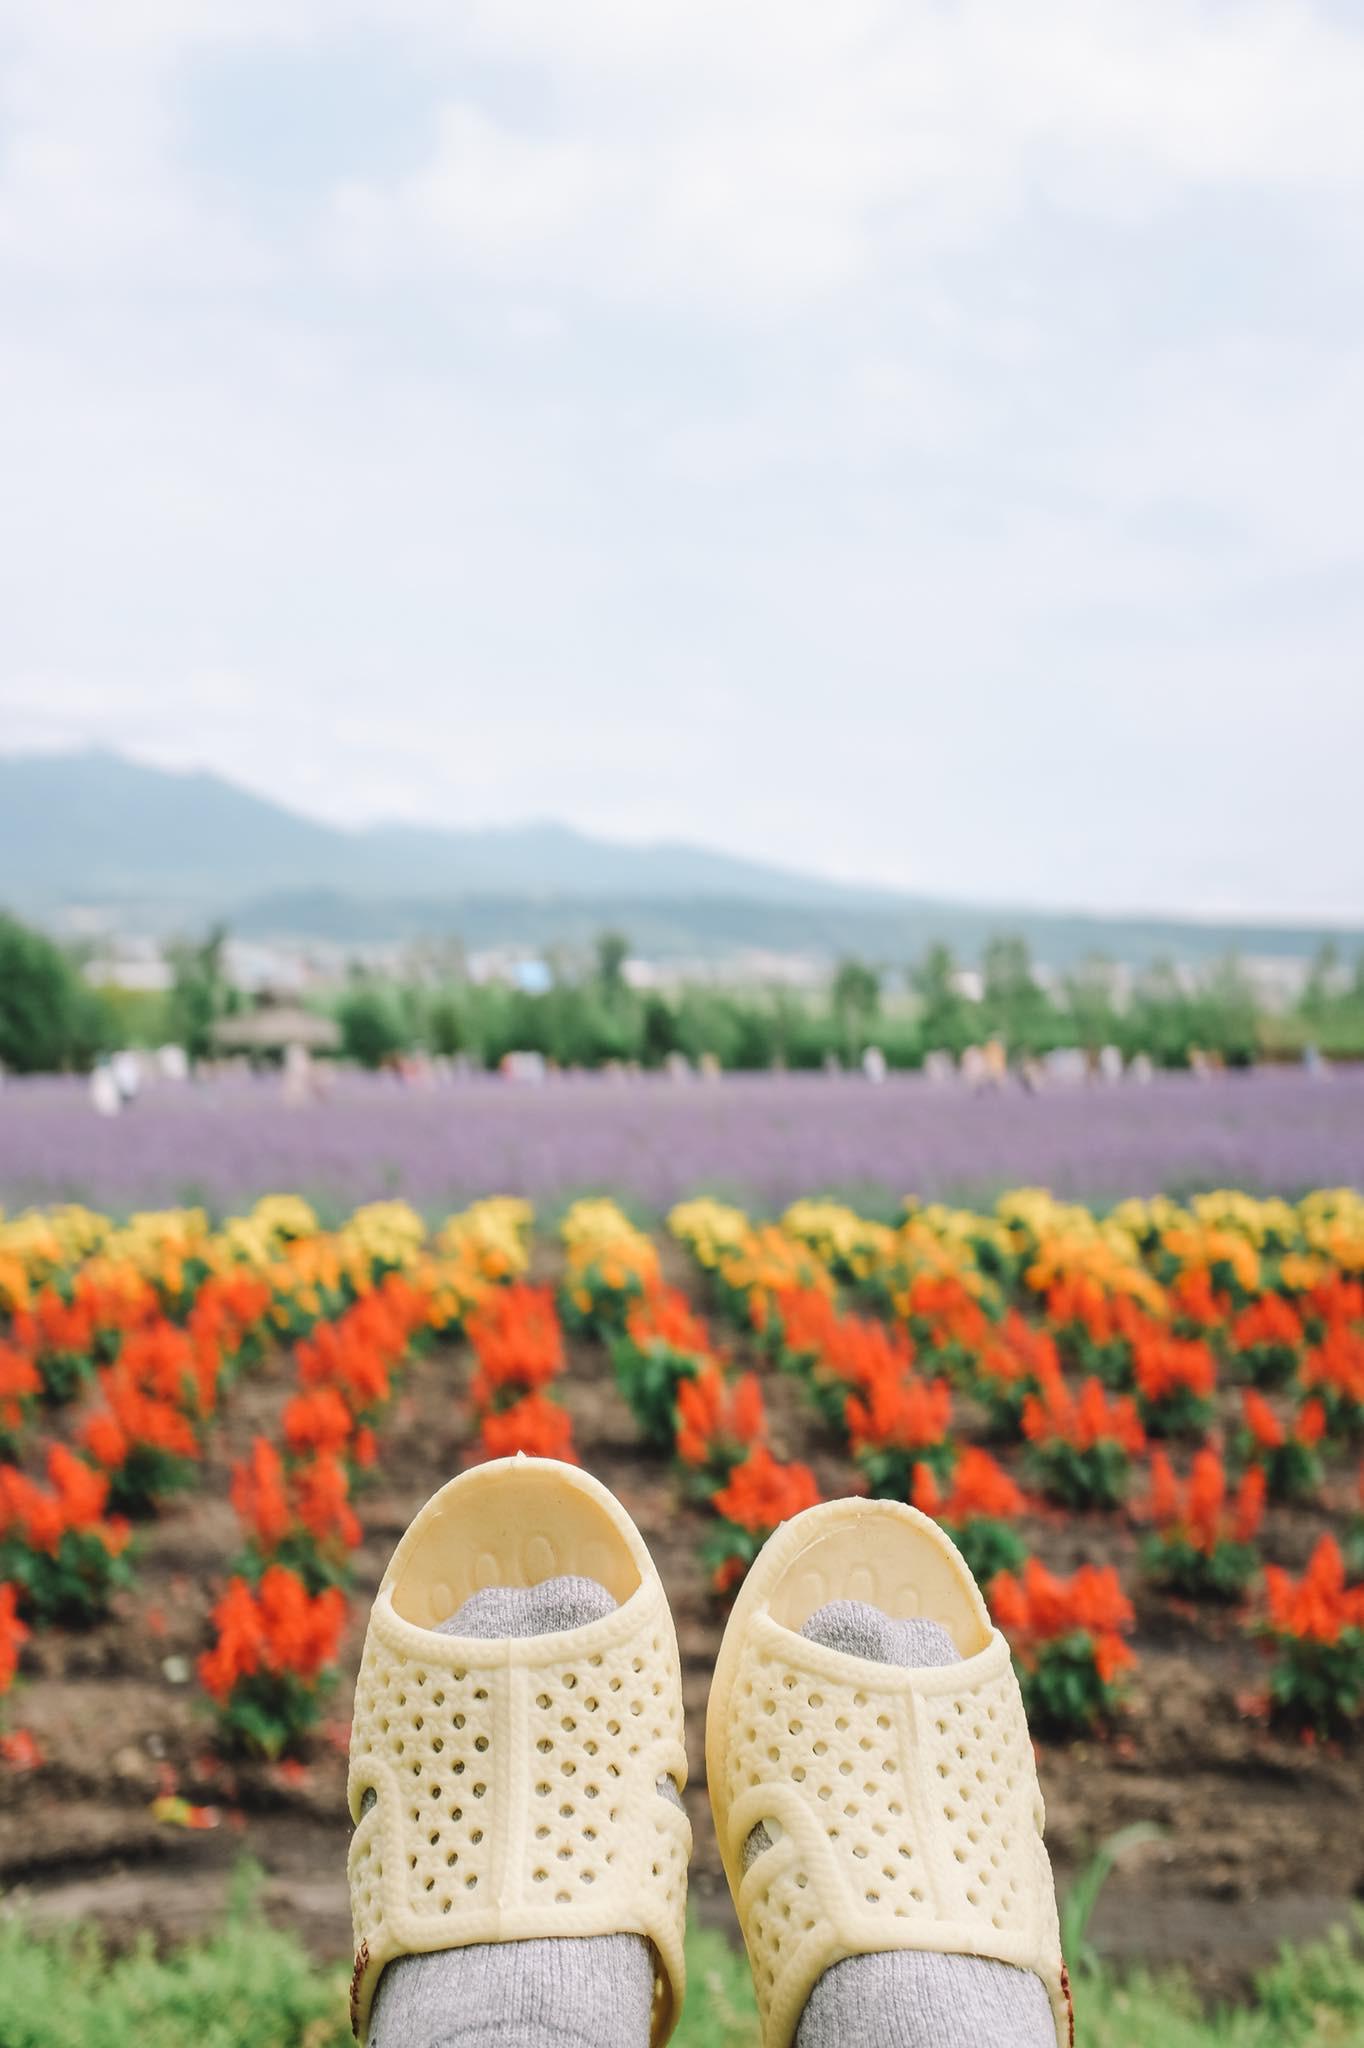 Thánh dép tổ ong tái xuất với bộ ảnh mới, lần này là rong ruổi miền Bắc nước Nhật xinh đẹp - Ảnh 15.